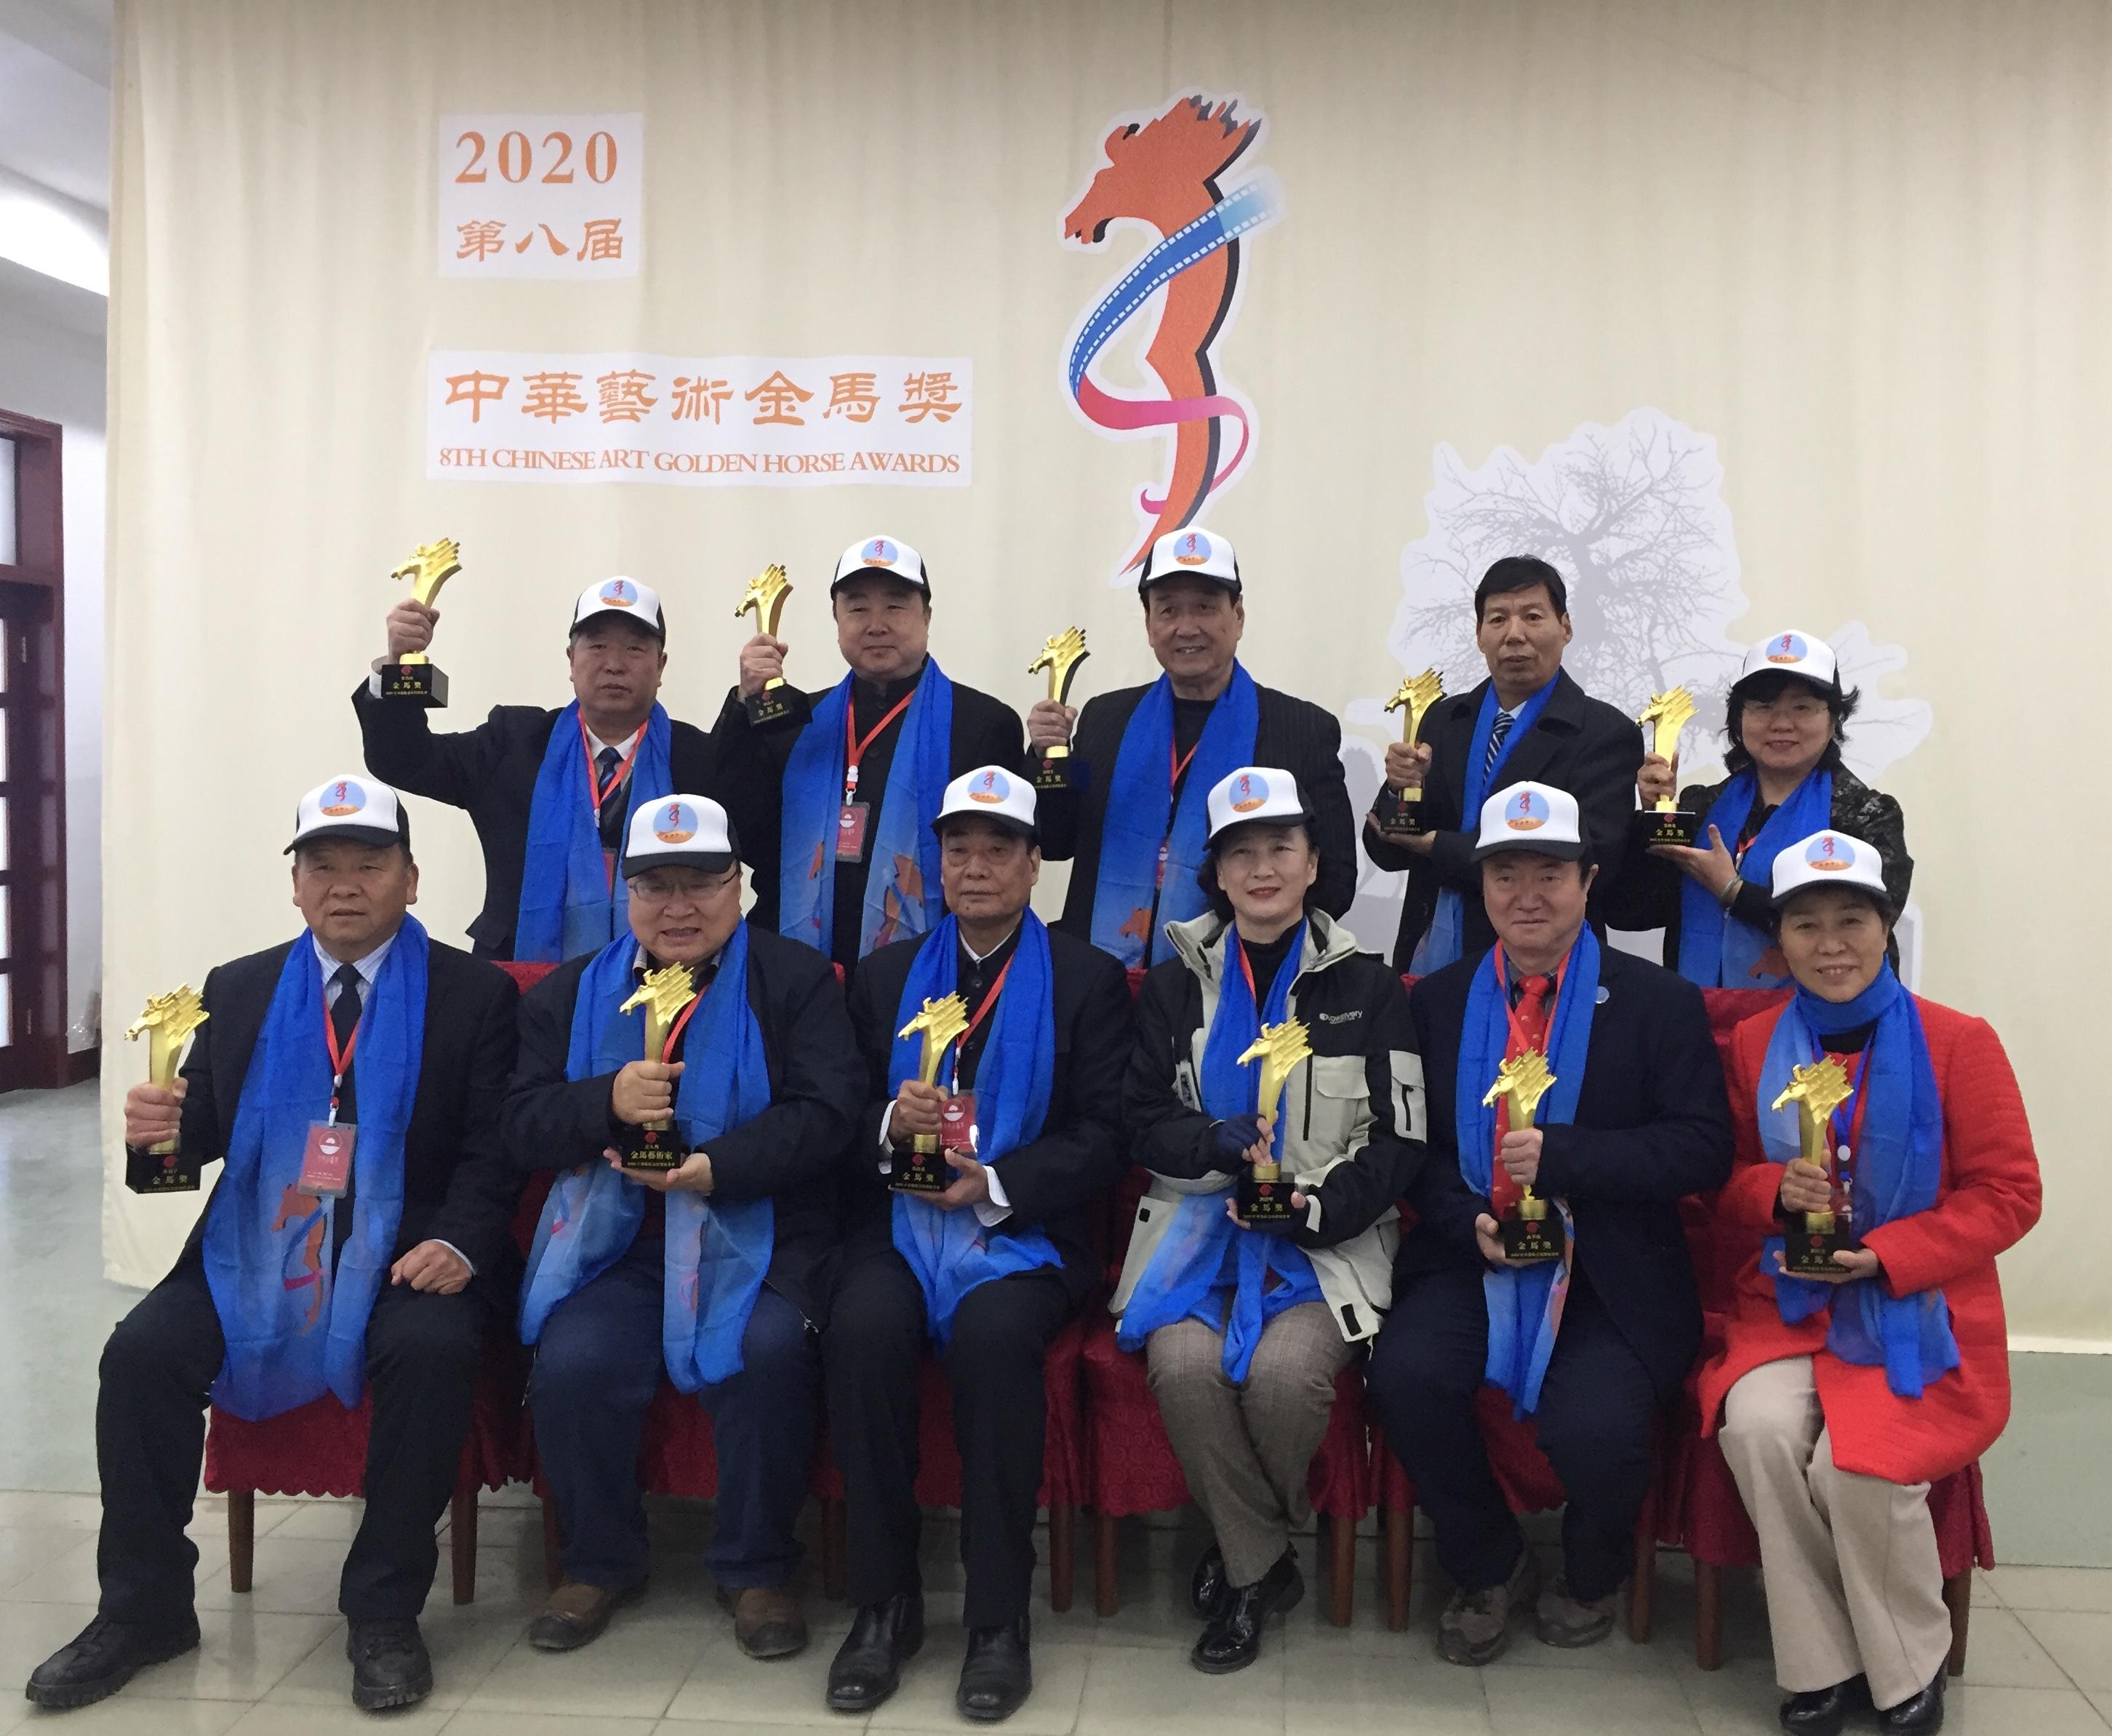 第八屆中華藝術金馬獎網絡頒獎洛陽分會場活動舉行